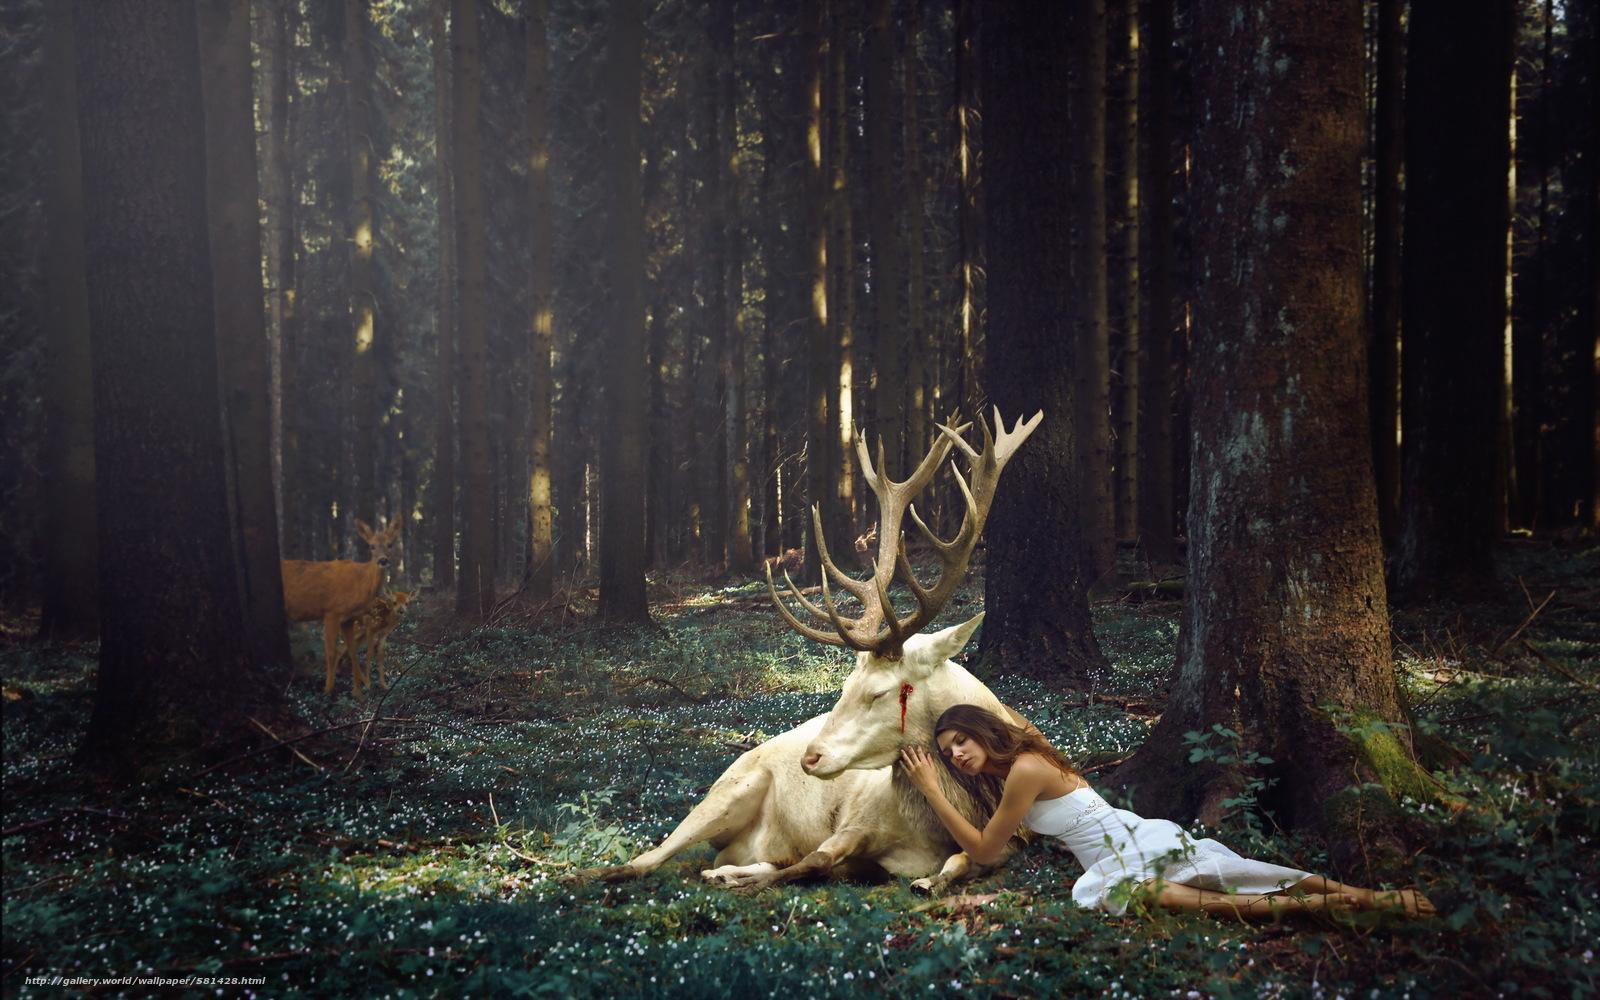 Прижался к девушке в лесу рассказ 12 фотография